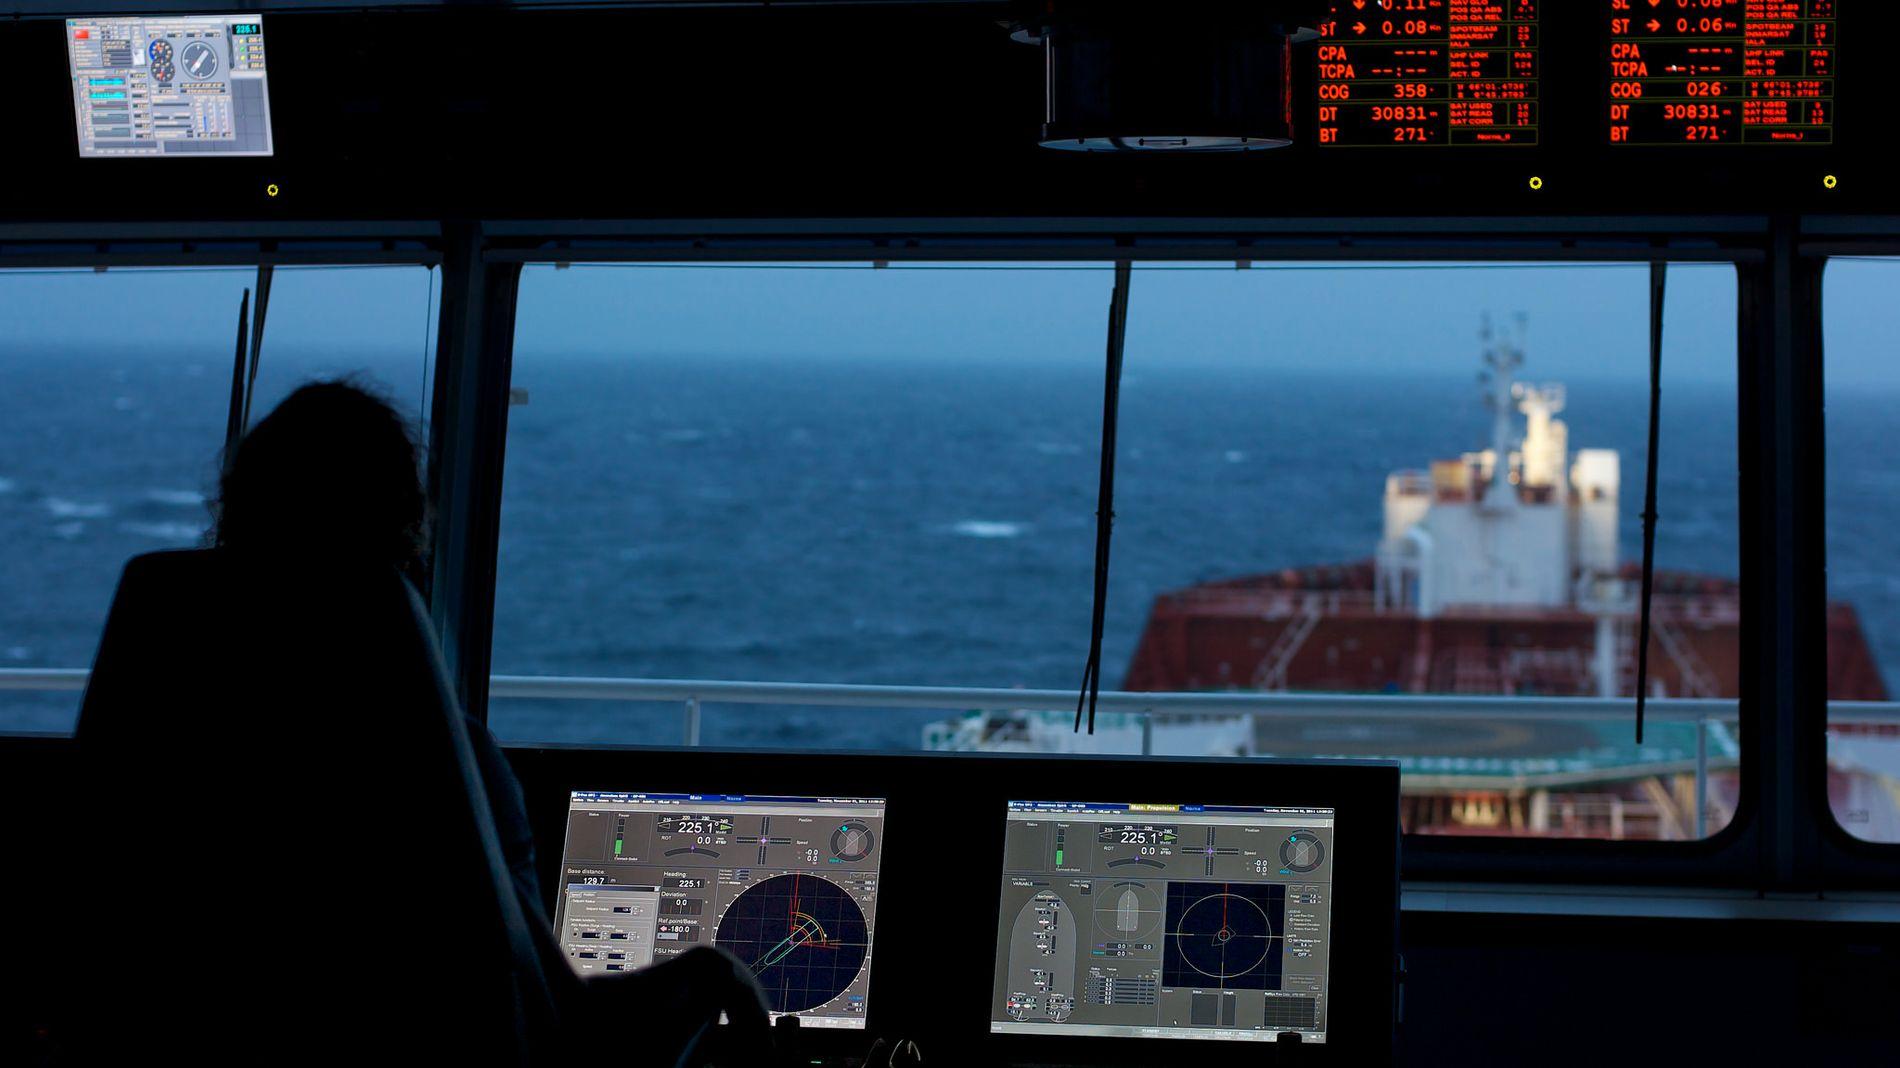 FÅ LEVERANSER: Kongsberg Maritime leverer avanserte navigasjons- og styringssystemer til shipping og offshoremarkedet. Oppbremsingen i bestillinger av nye skip gjør situasjonen tøff for selskapet.